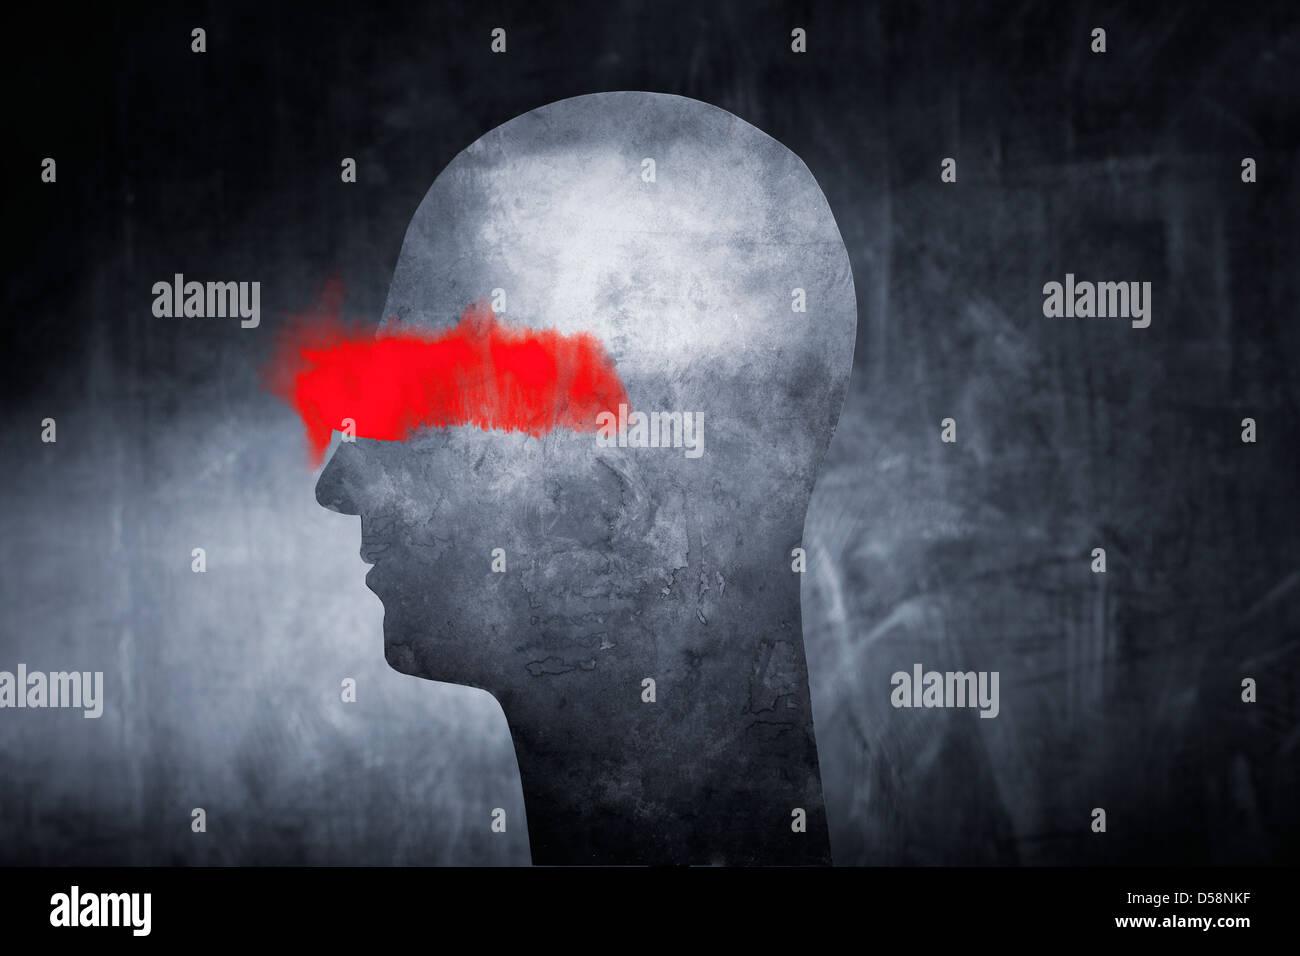 Imagen conceptual de un abstracto cabeza con pintura roja sobre los ojos. Imagen De Stock